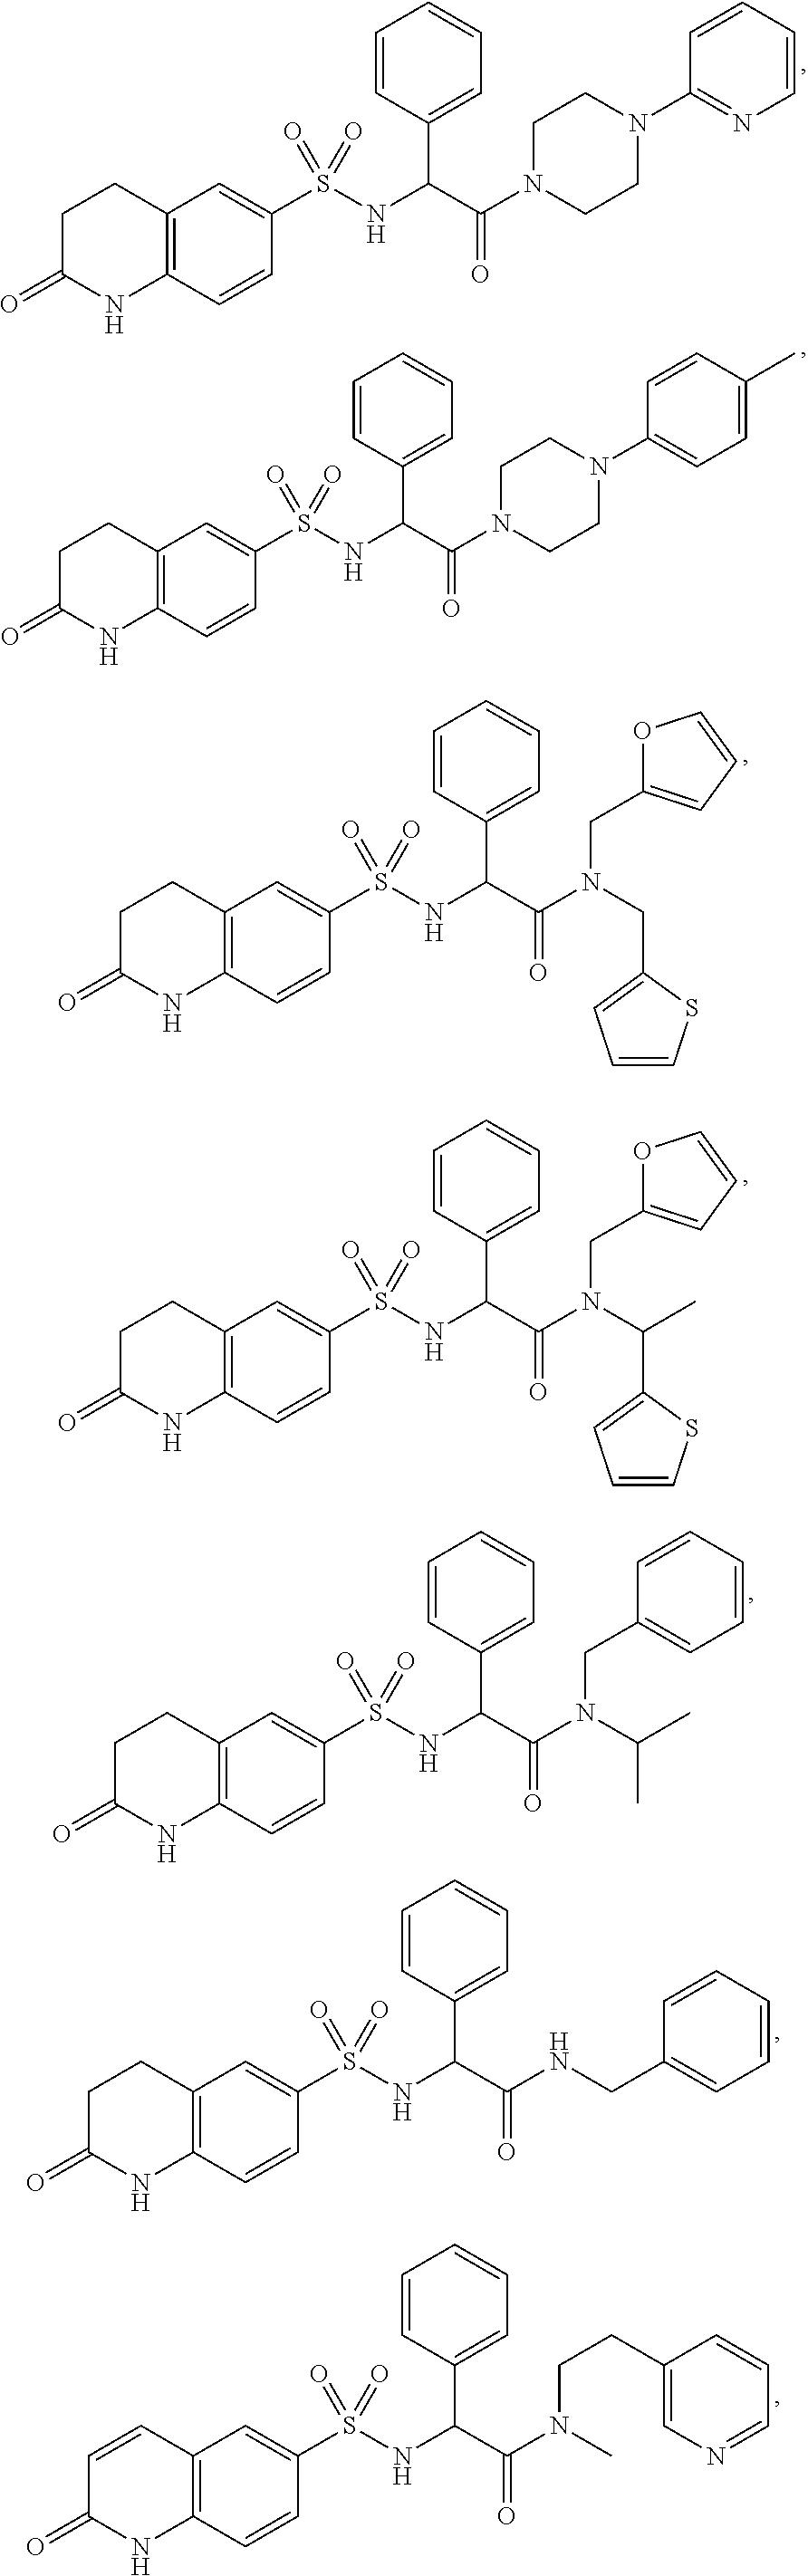 Figure US08957075-20150217-C00059